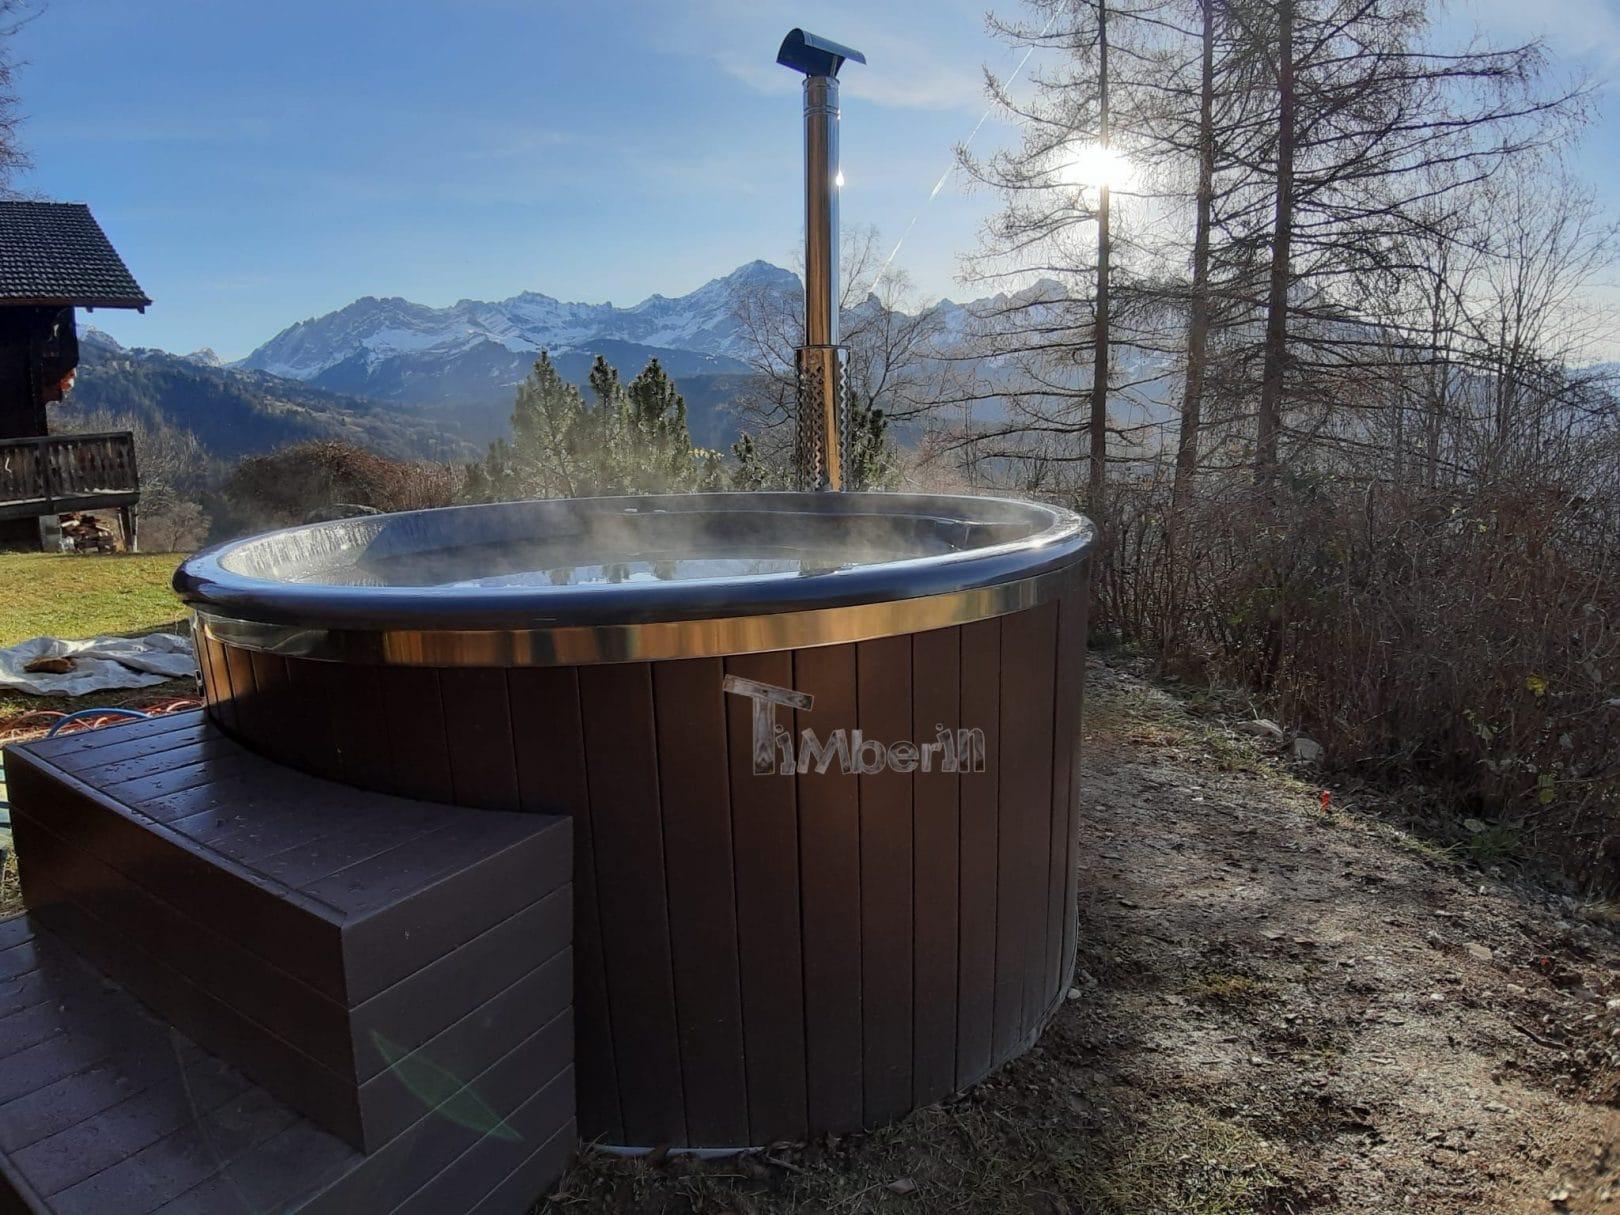 WELLNESS NEULAR INTELLIGENTE Spa scandinave aucun entretien requis Antoine Huémoz Suisse 4